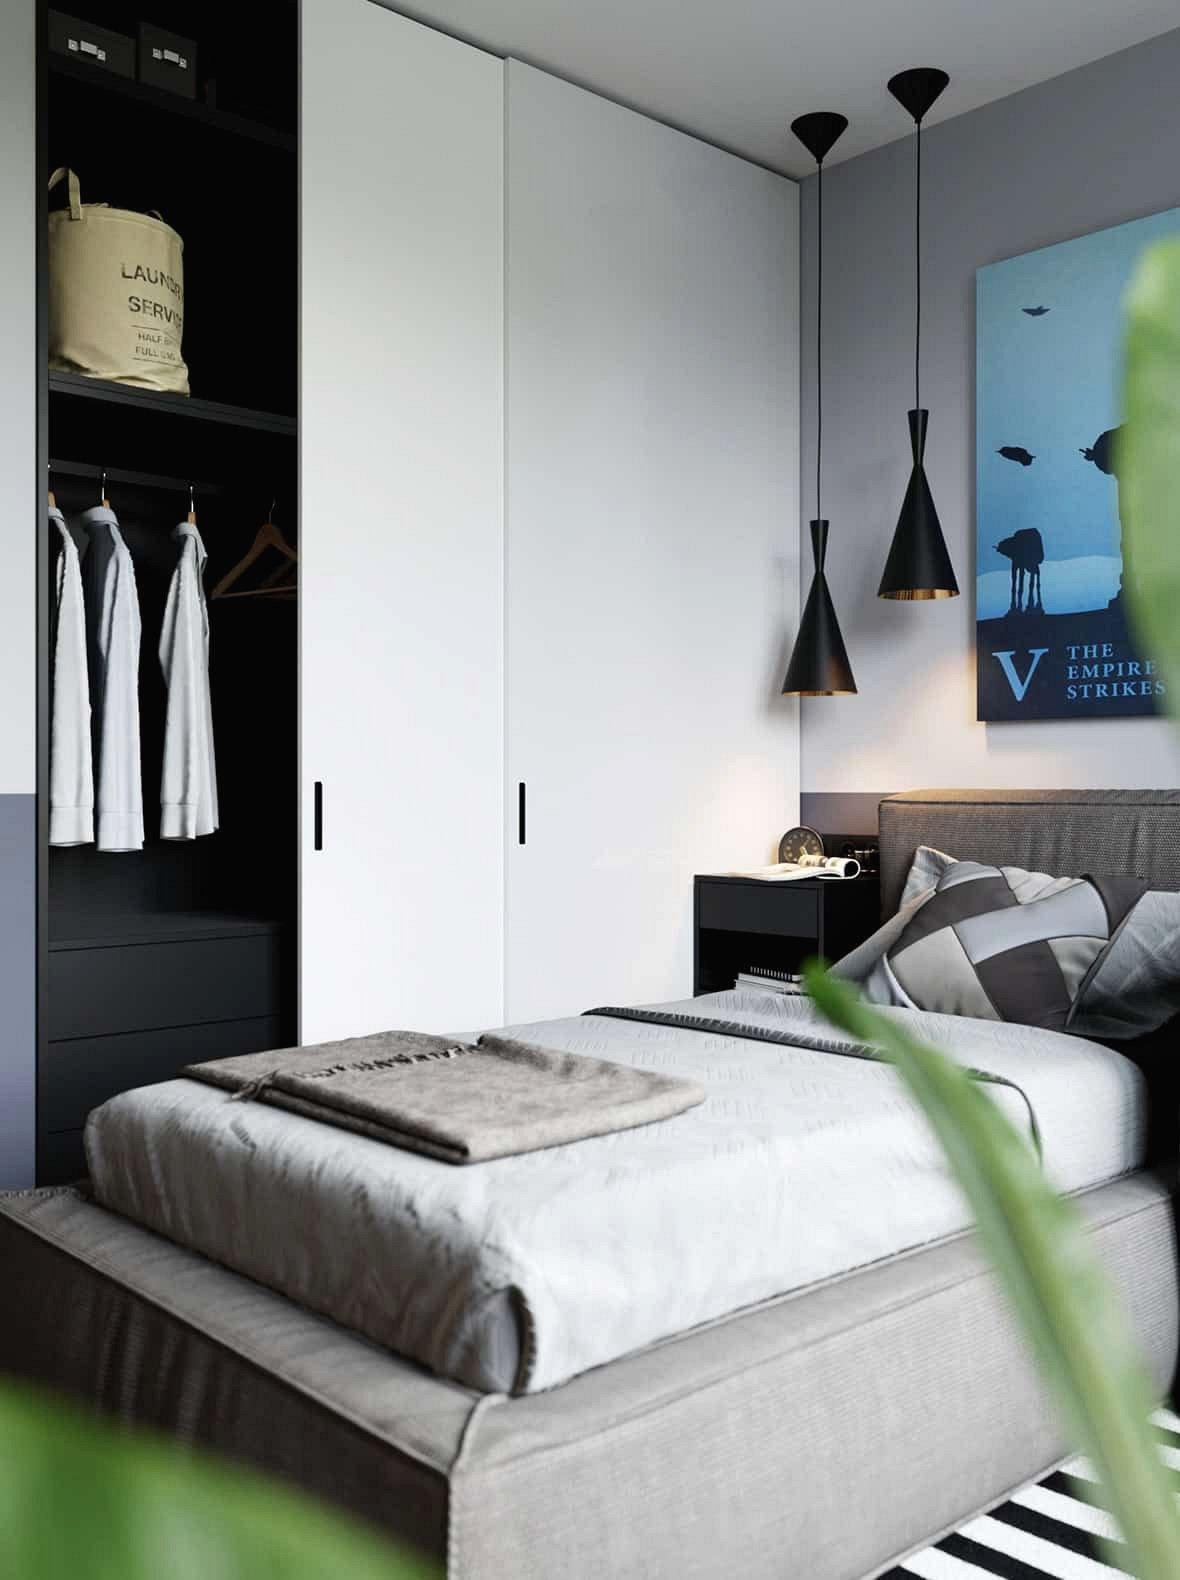 Phòng ngủ nhỏ hơn sử dụng không gian với hiệu quả truyền cảm hứng.